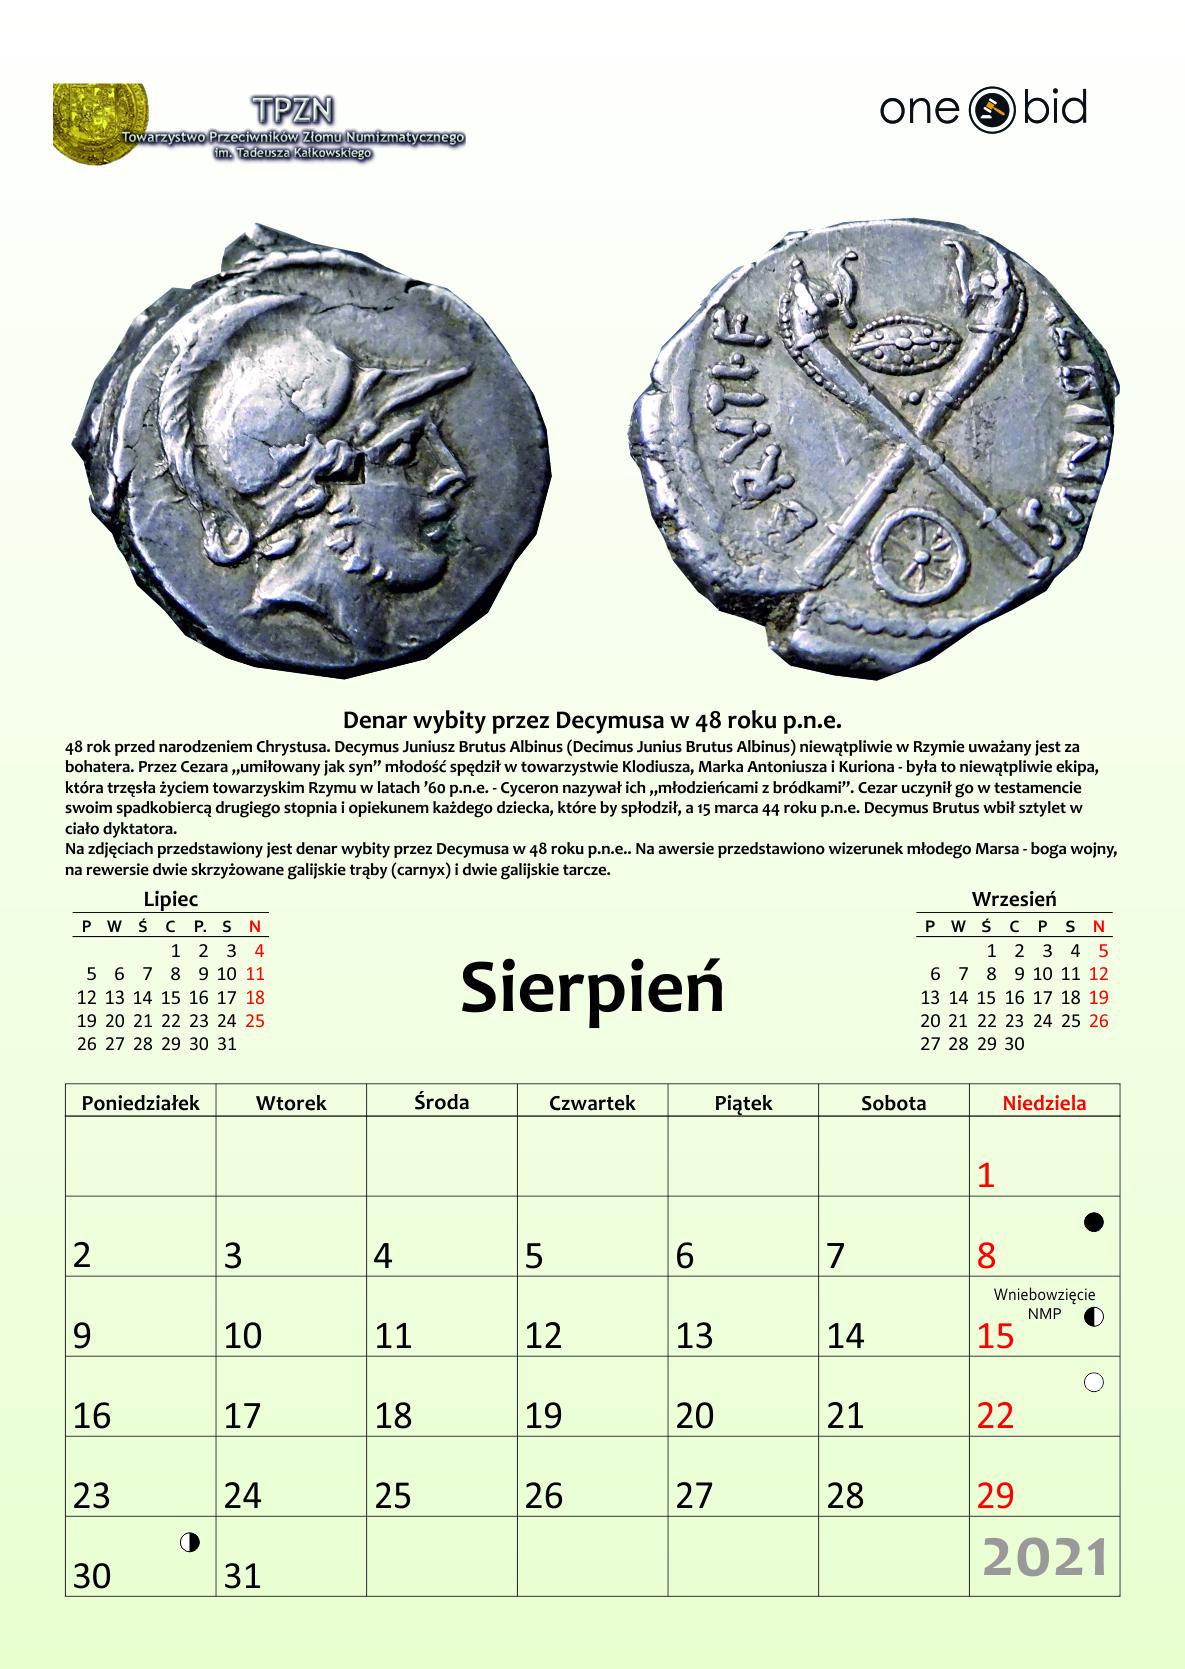 http://info.tpzn.pl/kalendarze/kalendarz2021/sierpien2021.jpg